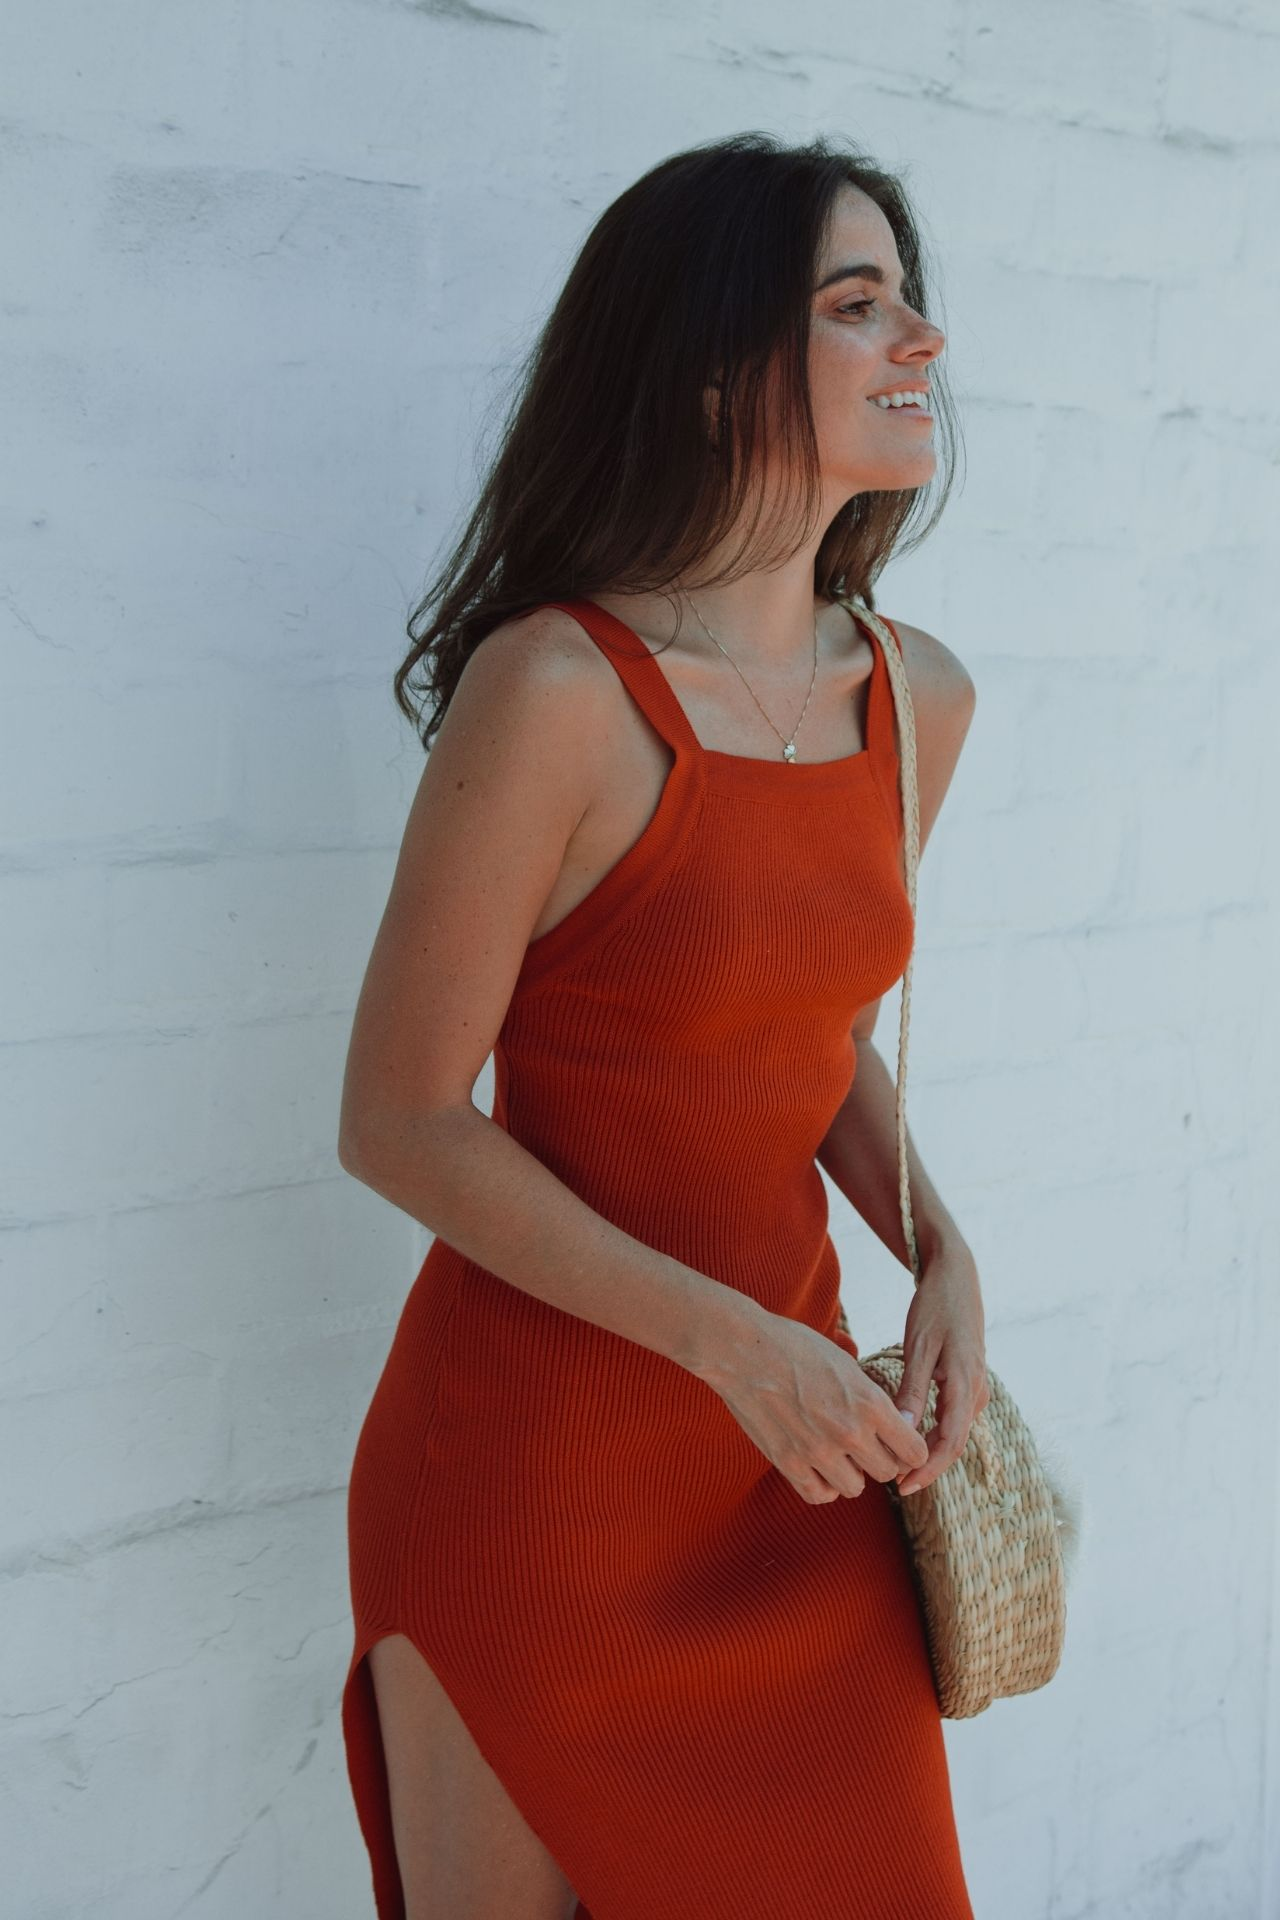 El vestidoAriel en color lacre y beige se estará entregando a partir del15de abril.  Vestido de hilo algodón tacto con cuello recto, espalda descubierta y abertura en la pierna izquierda hasta la altura del muslo  Medidas:  Busto (32 cm) cintura (30 cm) cadera (38 cm) largo (108 cm)